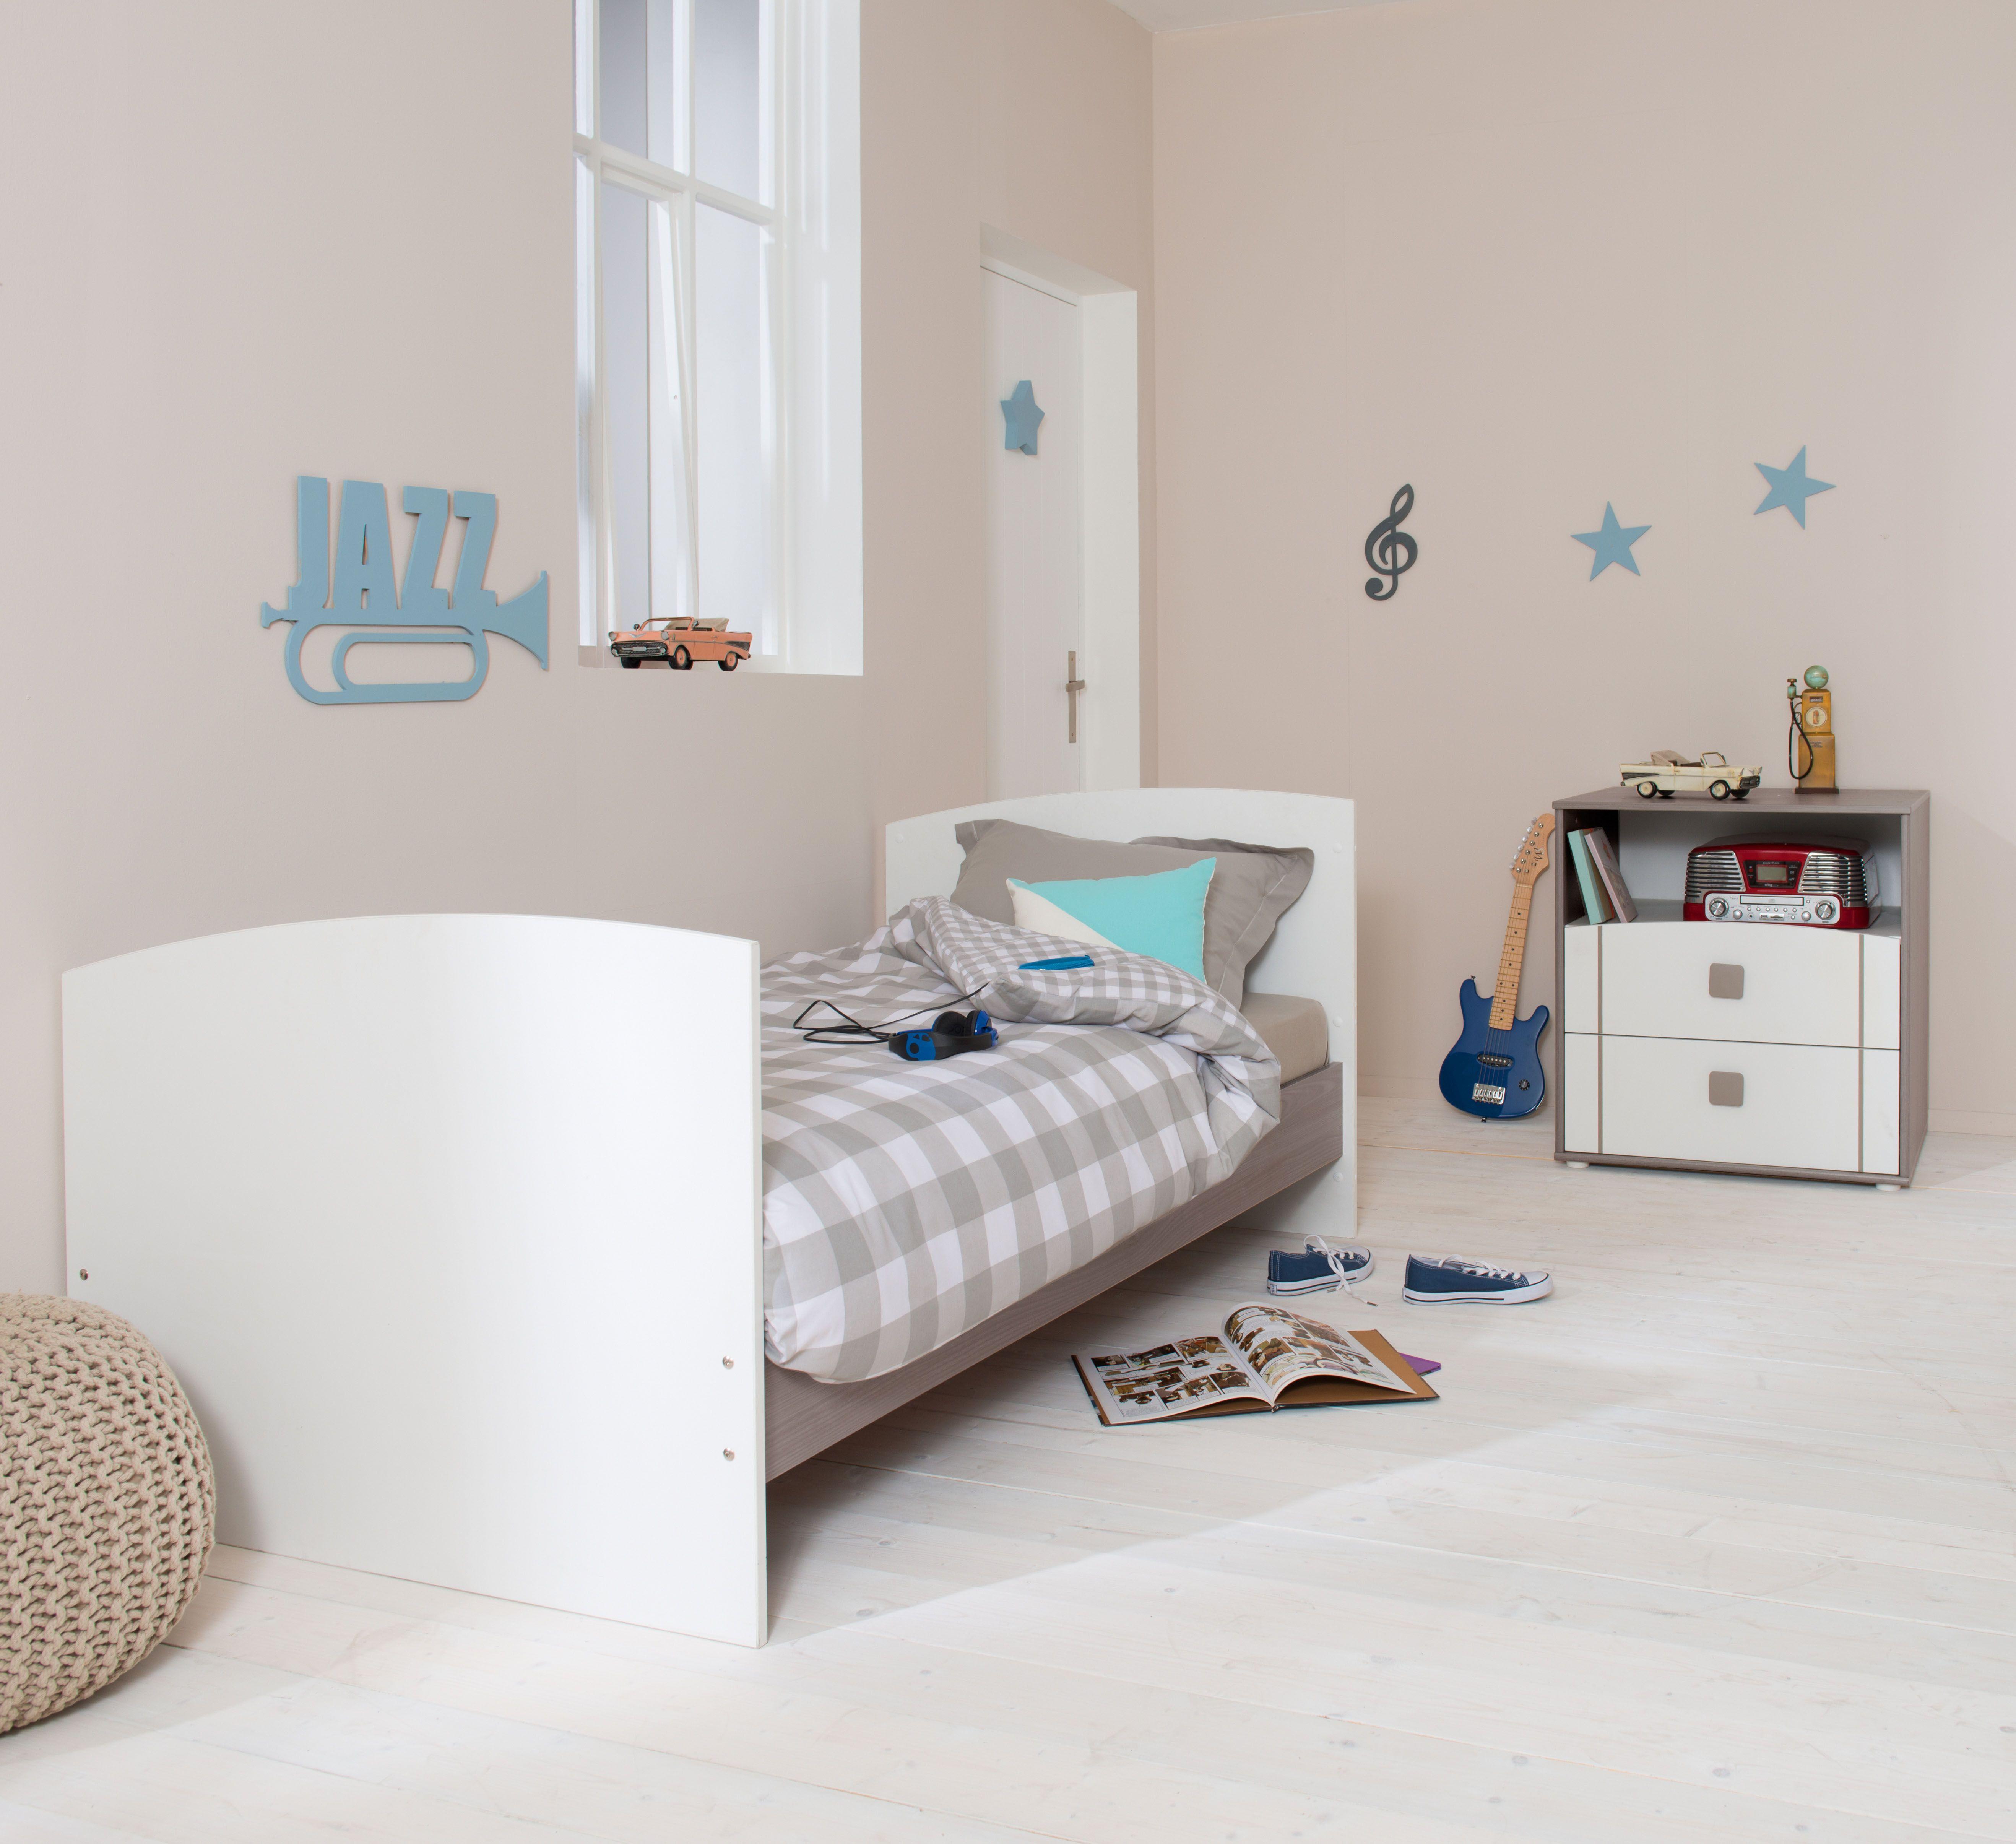 Chambre Jules lit biné transformable 60 x 120 cm bébé 9